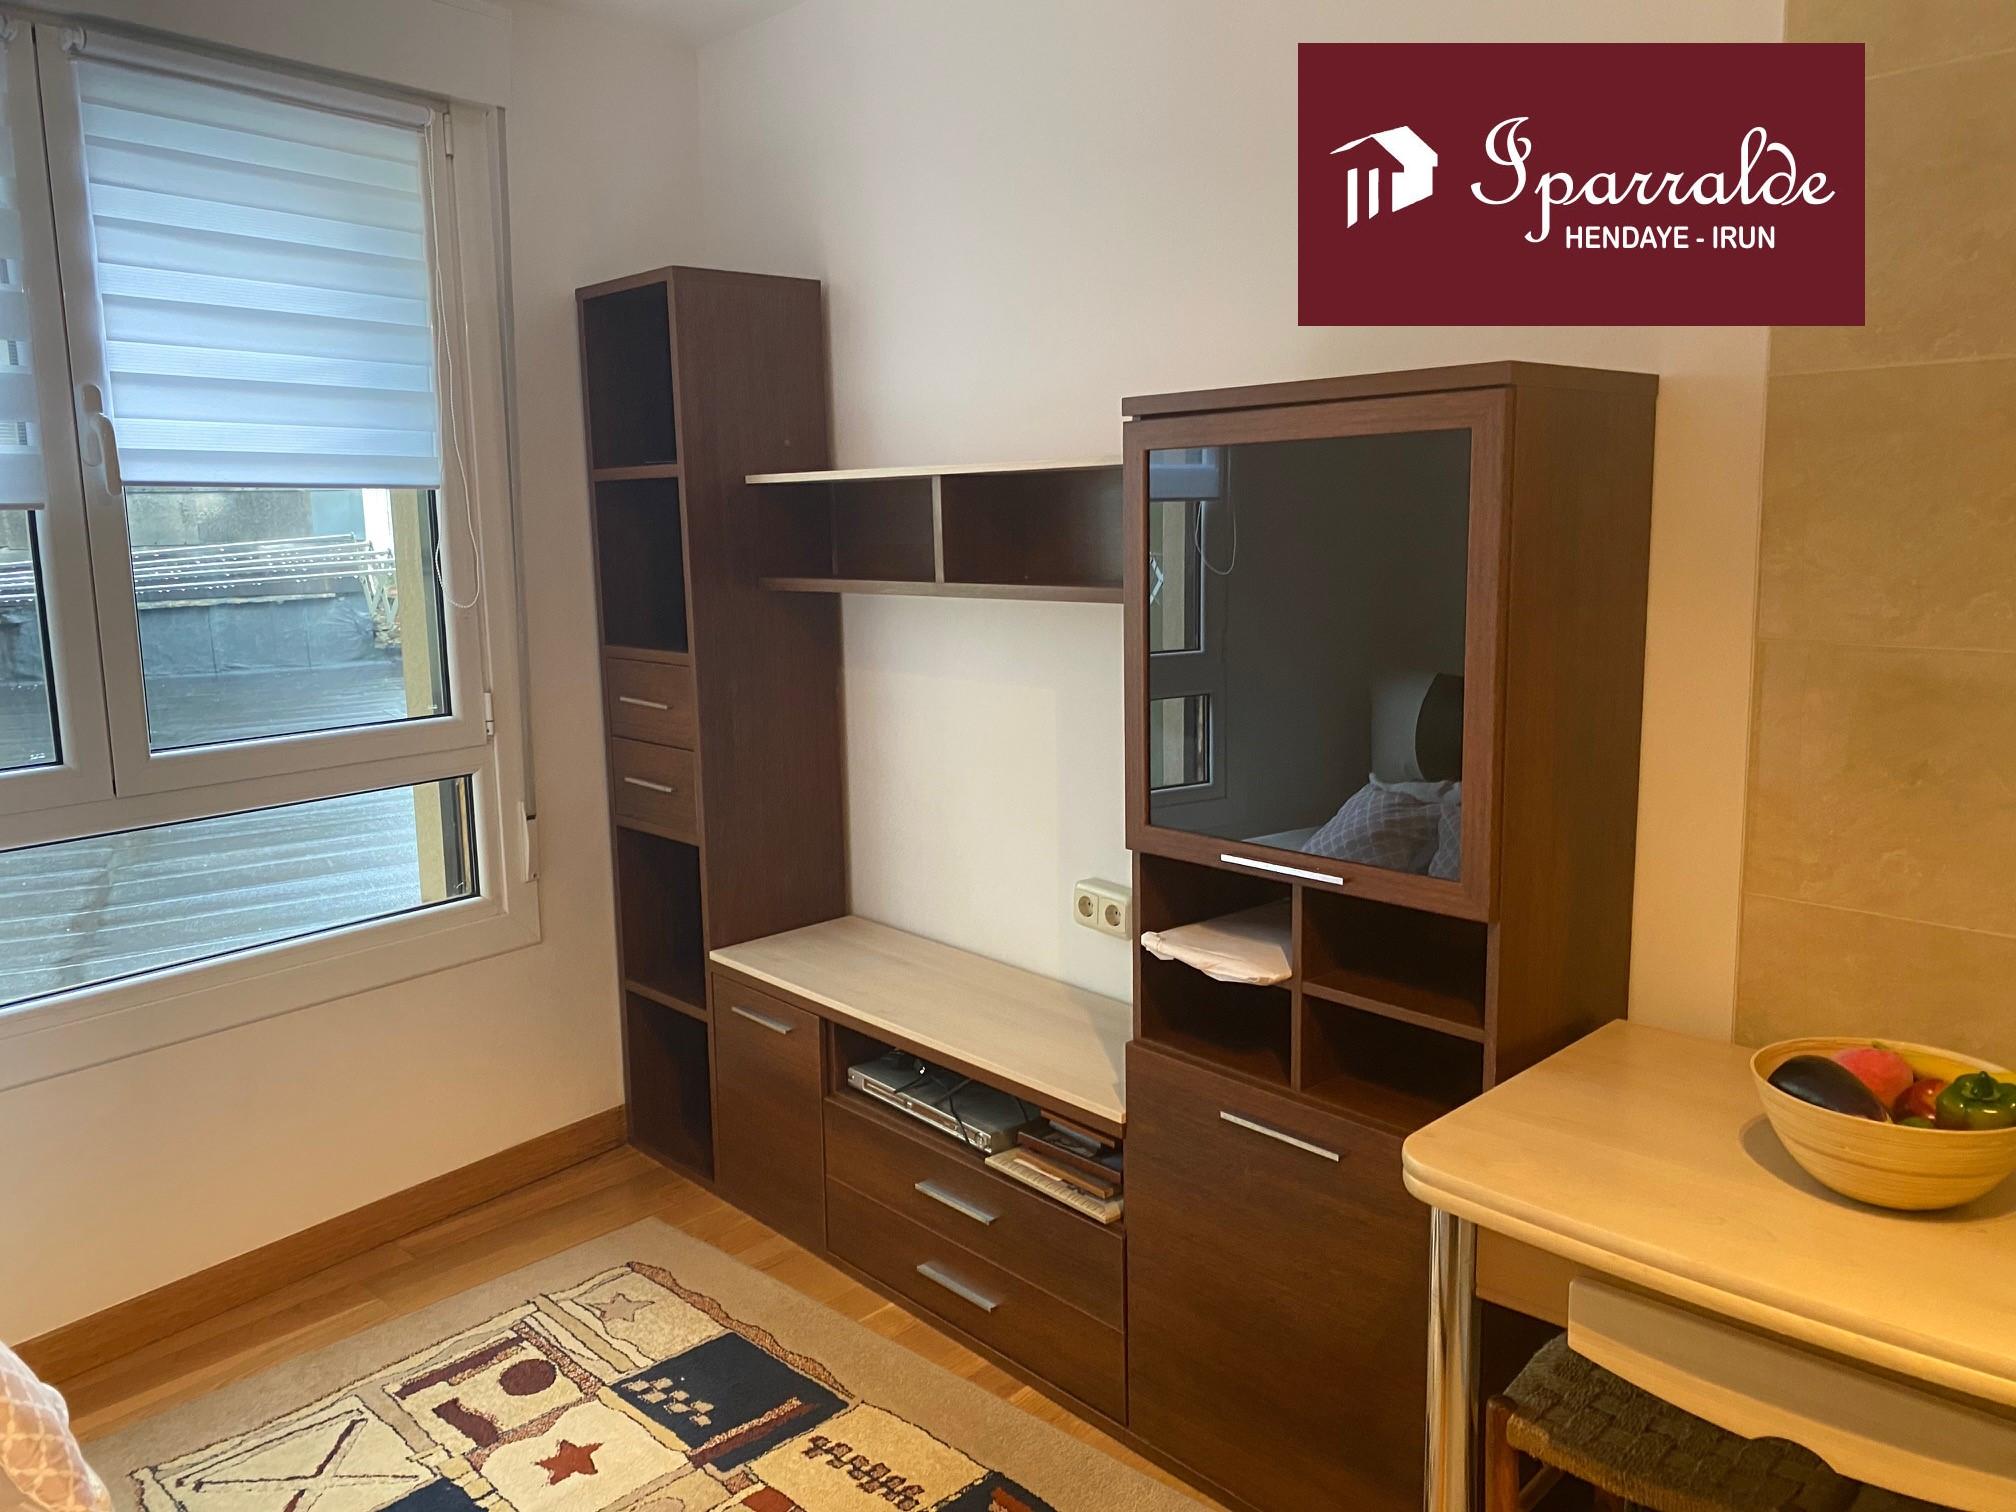 Coqueto apartamento de una habitación en pleno centro de Irún. Ideal como primera vivienda y/o inversión